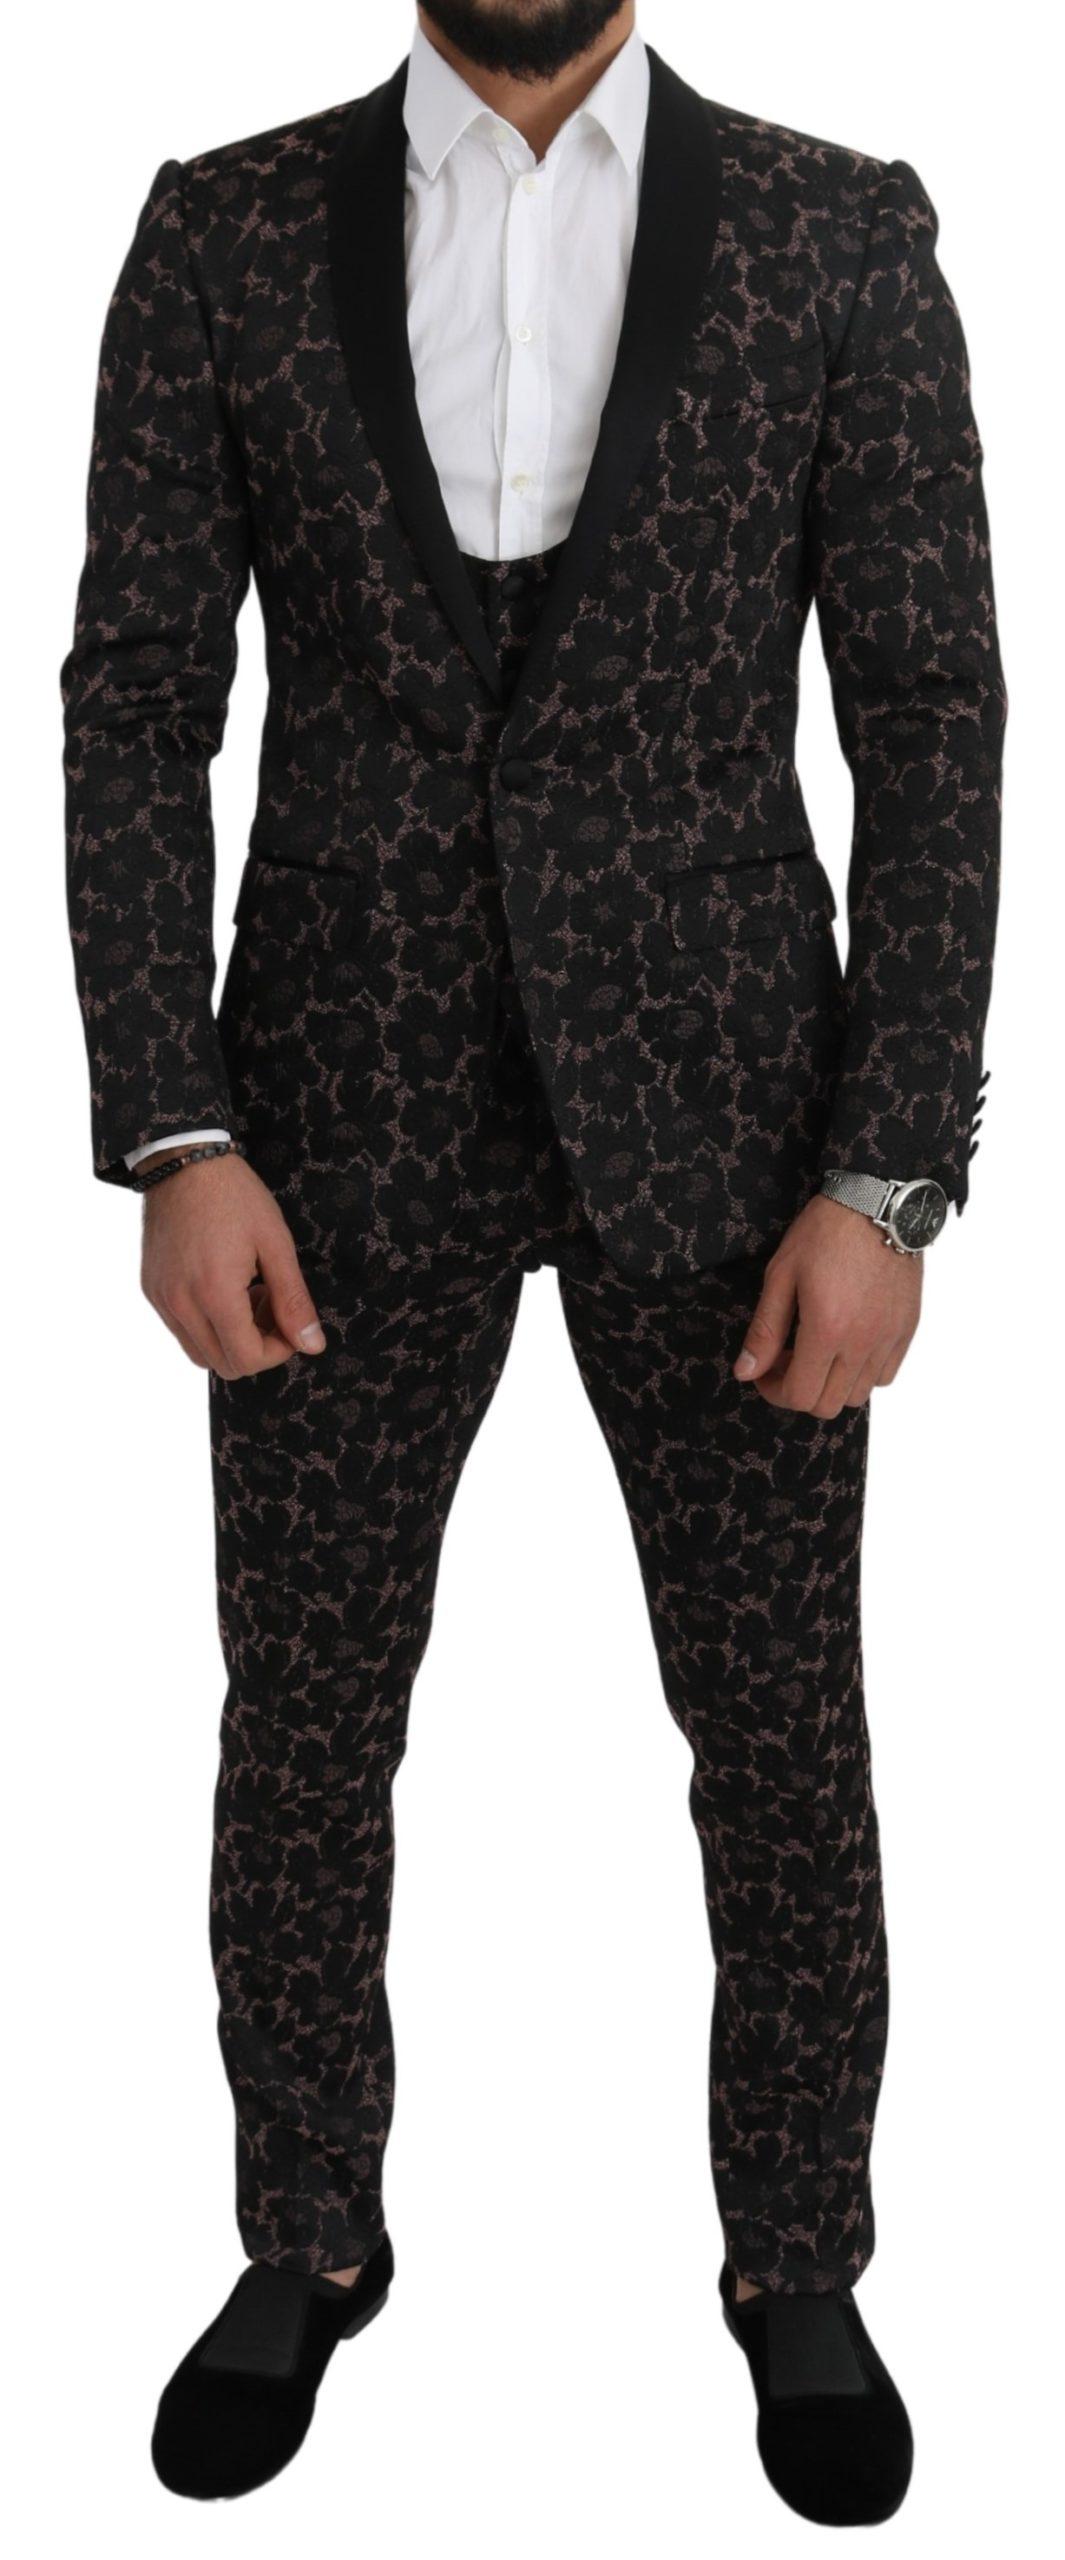 Dolce & Gabbana Men's Floral Shawl 3 Pieces Shiny Suit Black KOS1812 - IT46 | S